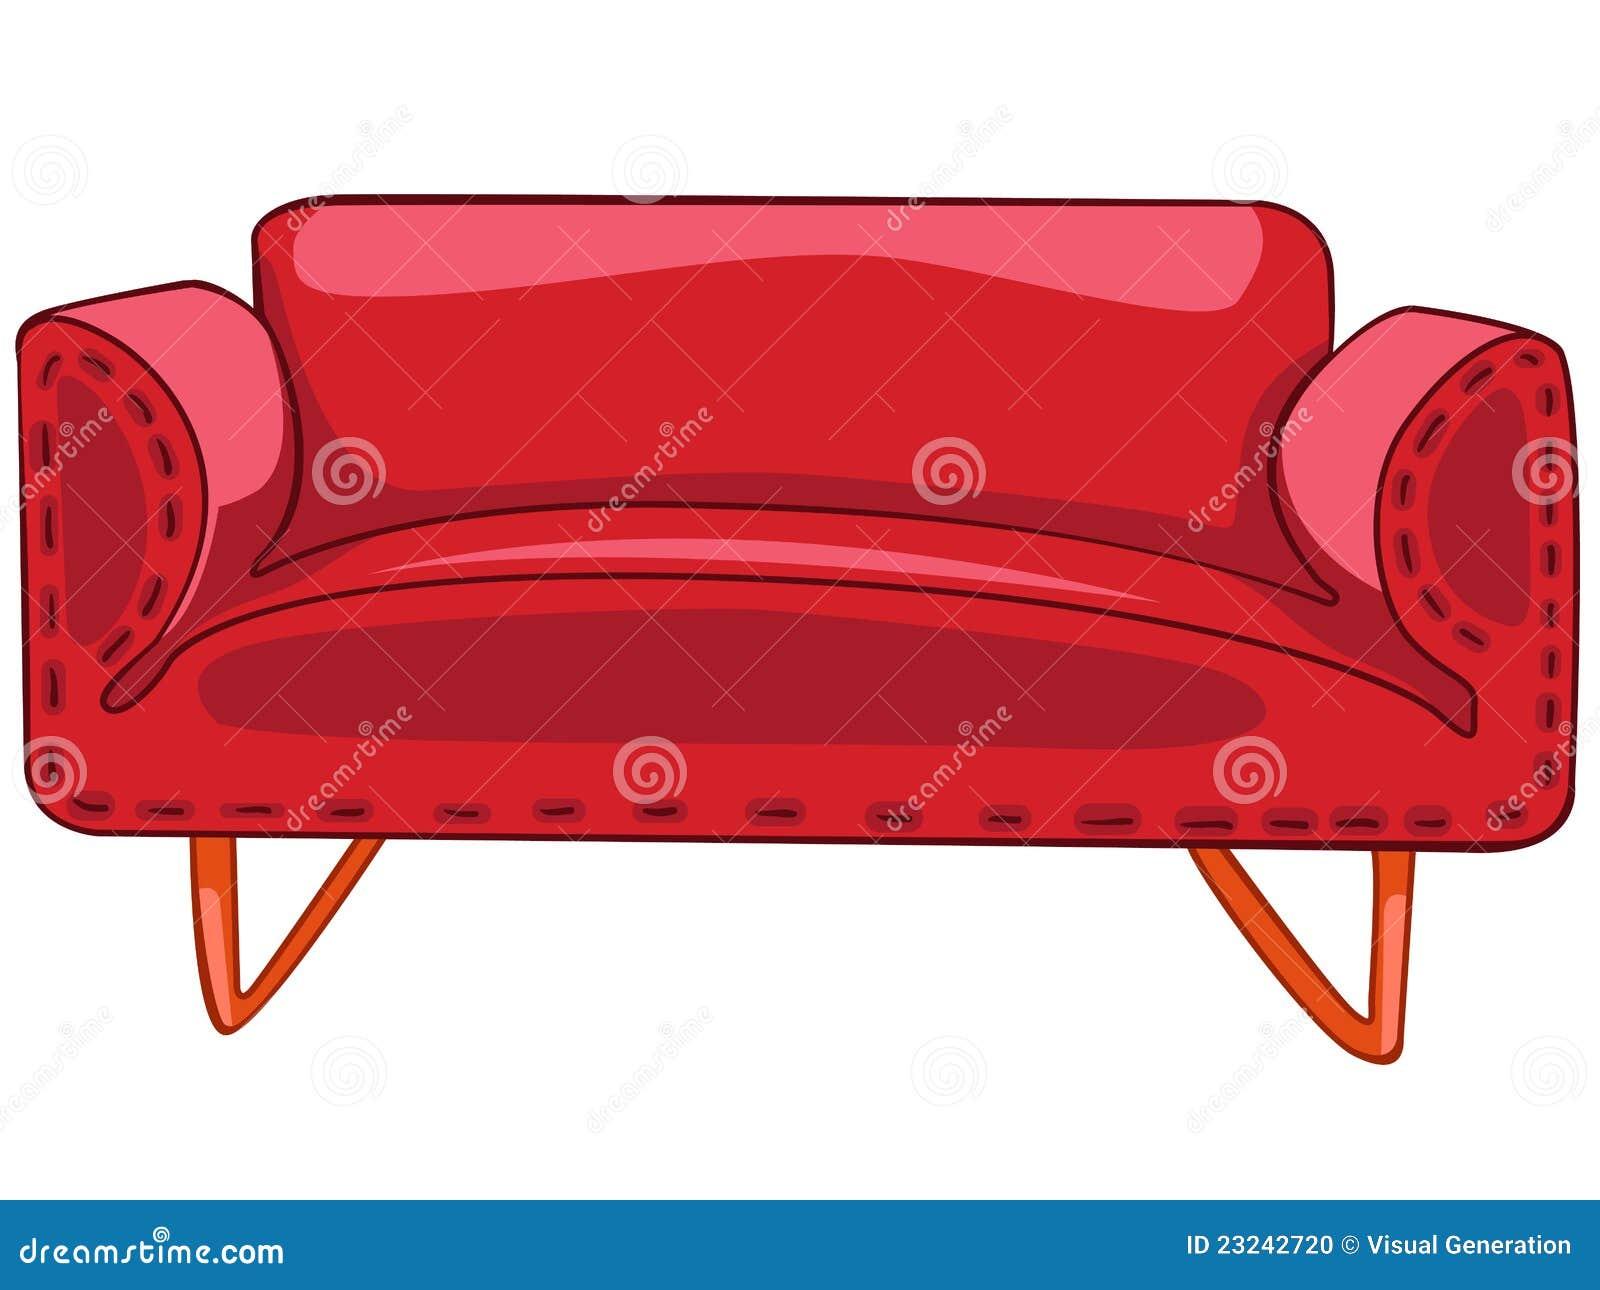 Sofa la maison de meubles de dessin anim photo stock for Maison des meubles